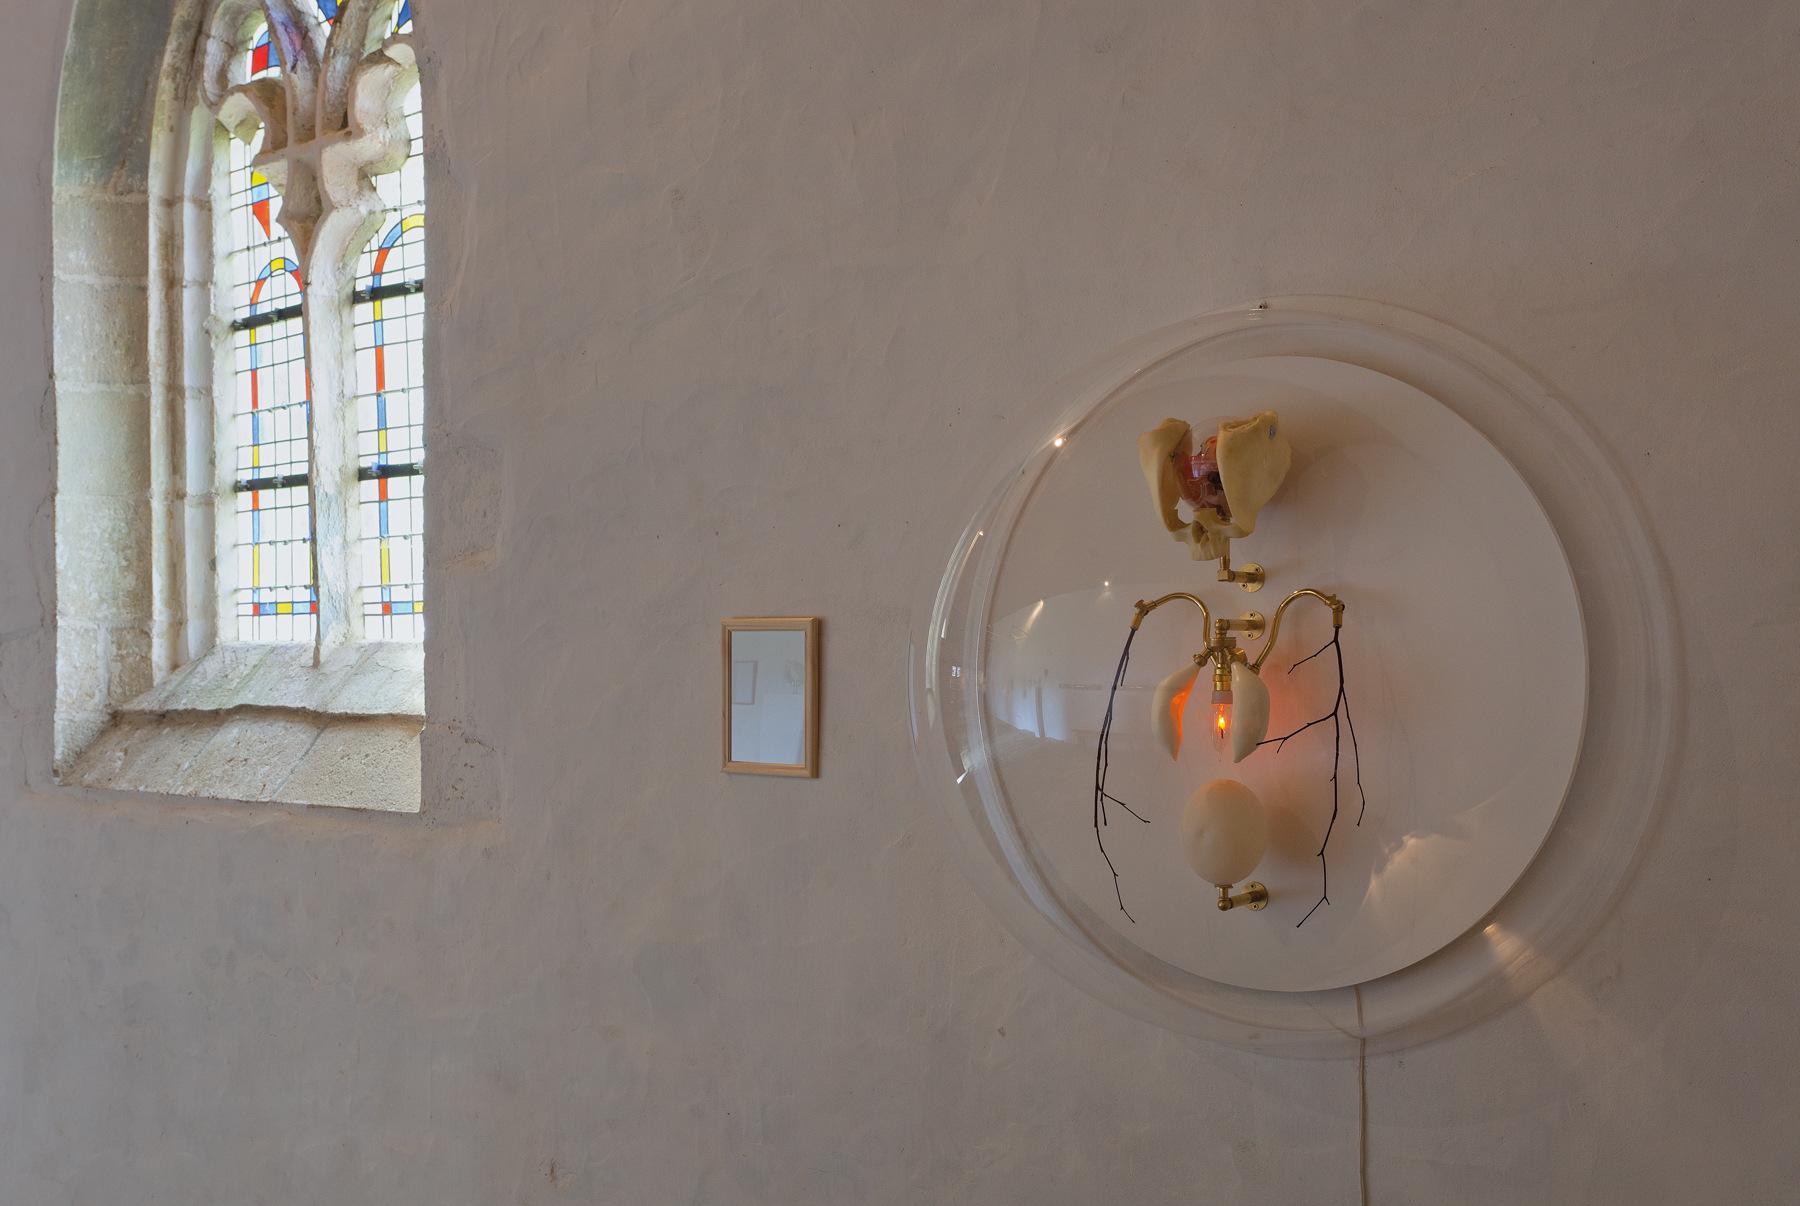 Détail de l'installation présentée@à la chapelle de la Trinité (Cléguérec)